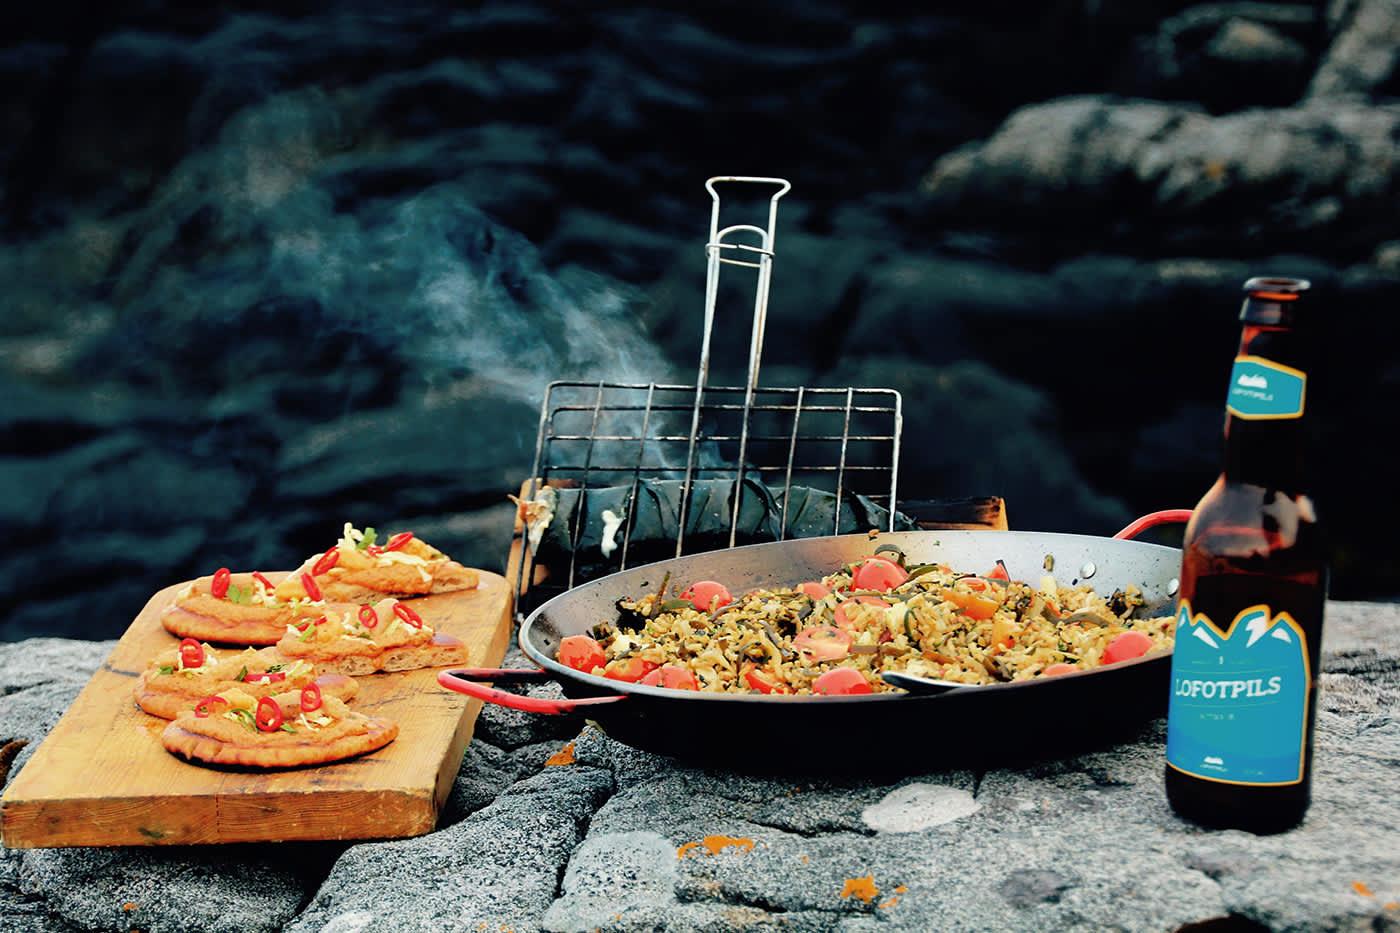 Albuetare-paella med sjøgressrøkt makrell og Tahinicreme-toast med Kråkebollerogn. Pils, gitar og episk utsikt. Livet er rett og slett bra iblant.